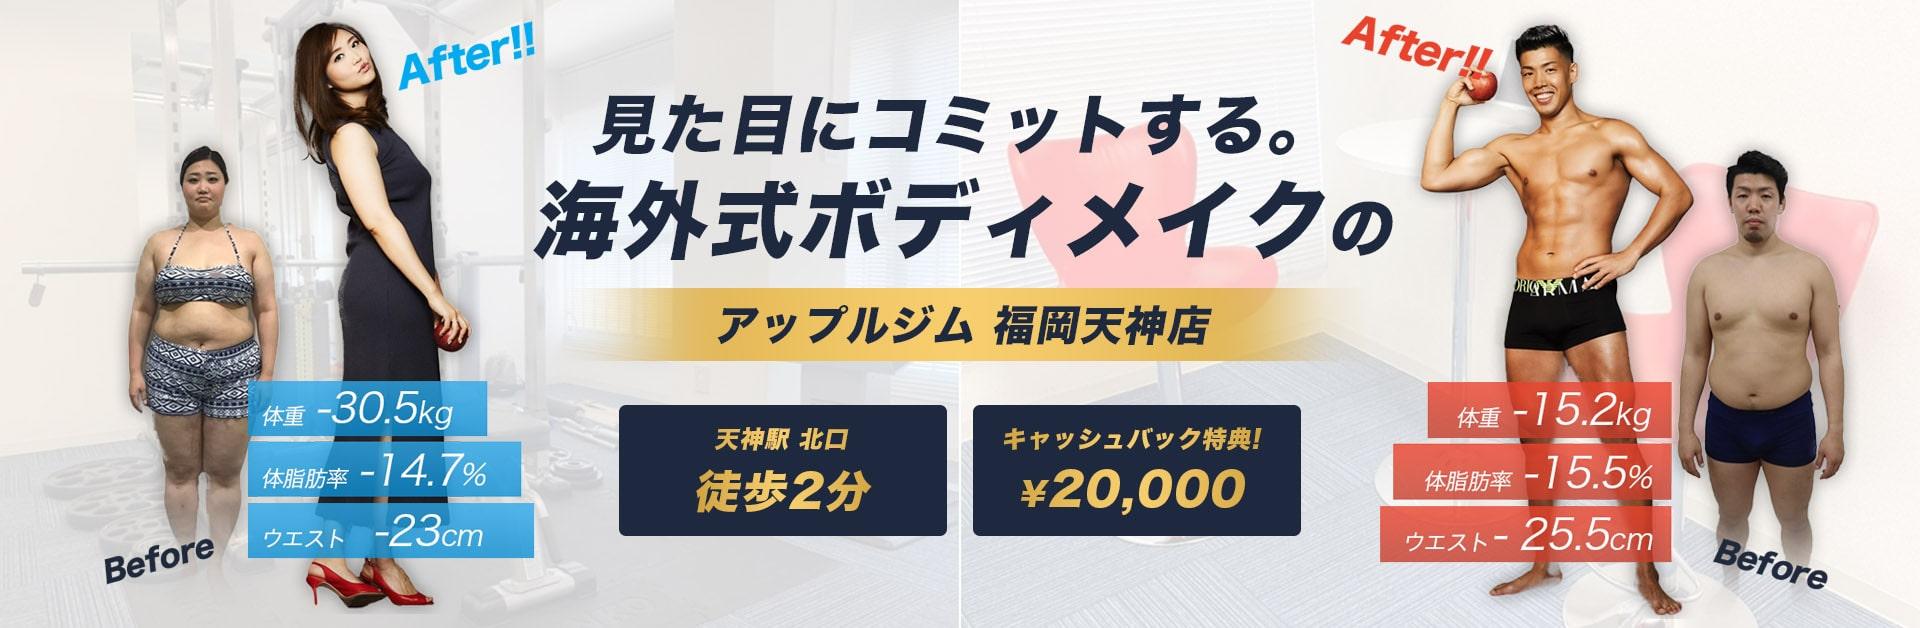 見た目にコミットする。海外式ボディメイクのアップルジム 福岡天神店